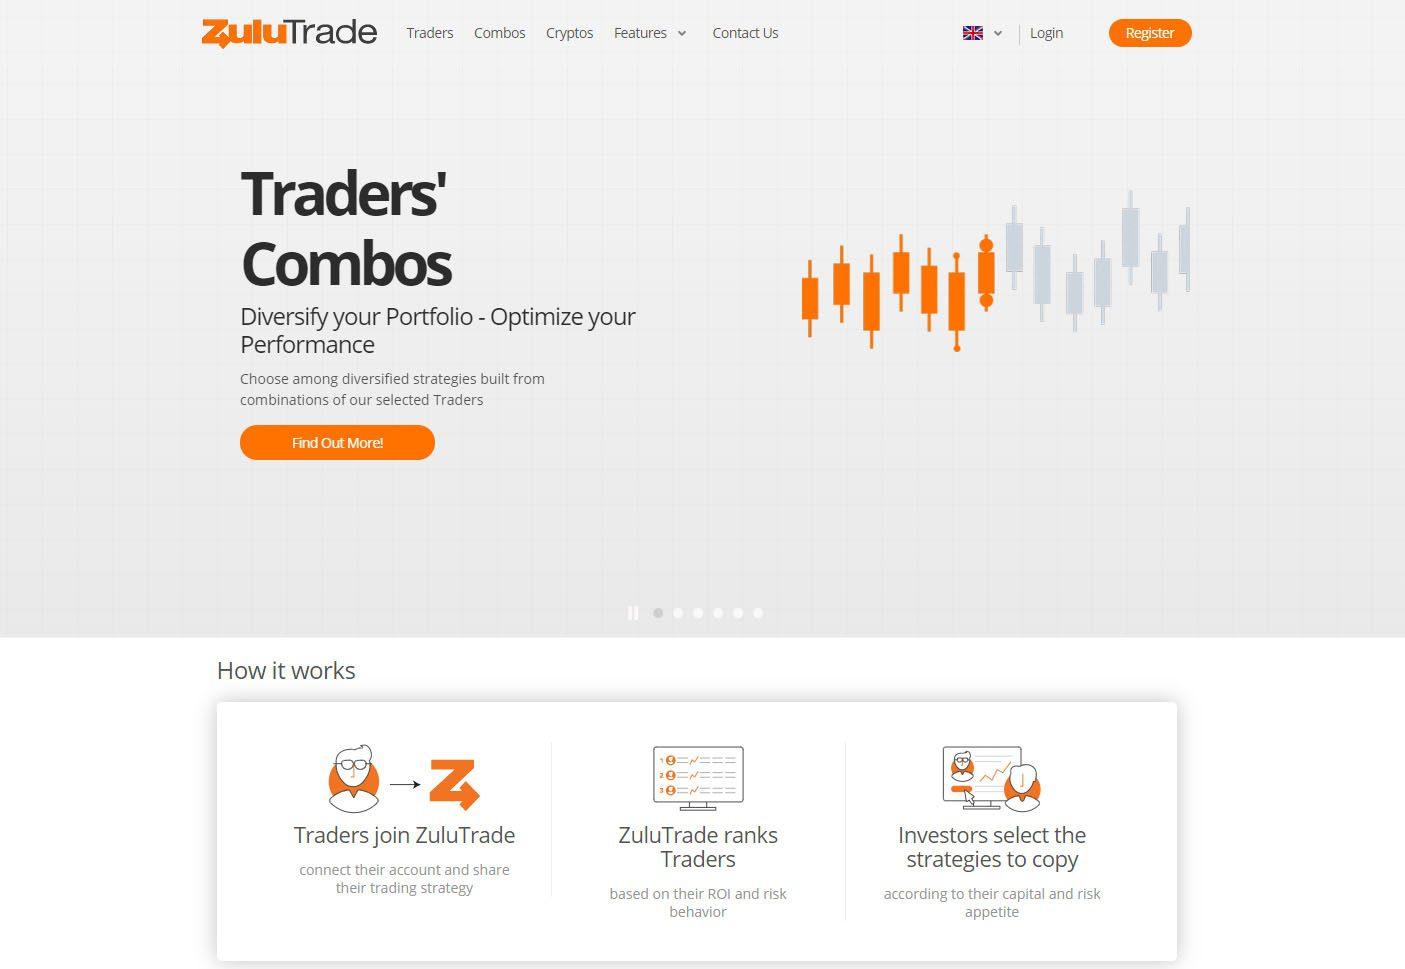 ZuluTrade is a cross-broker social trading platform